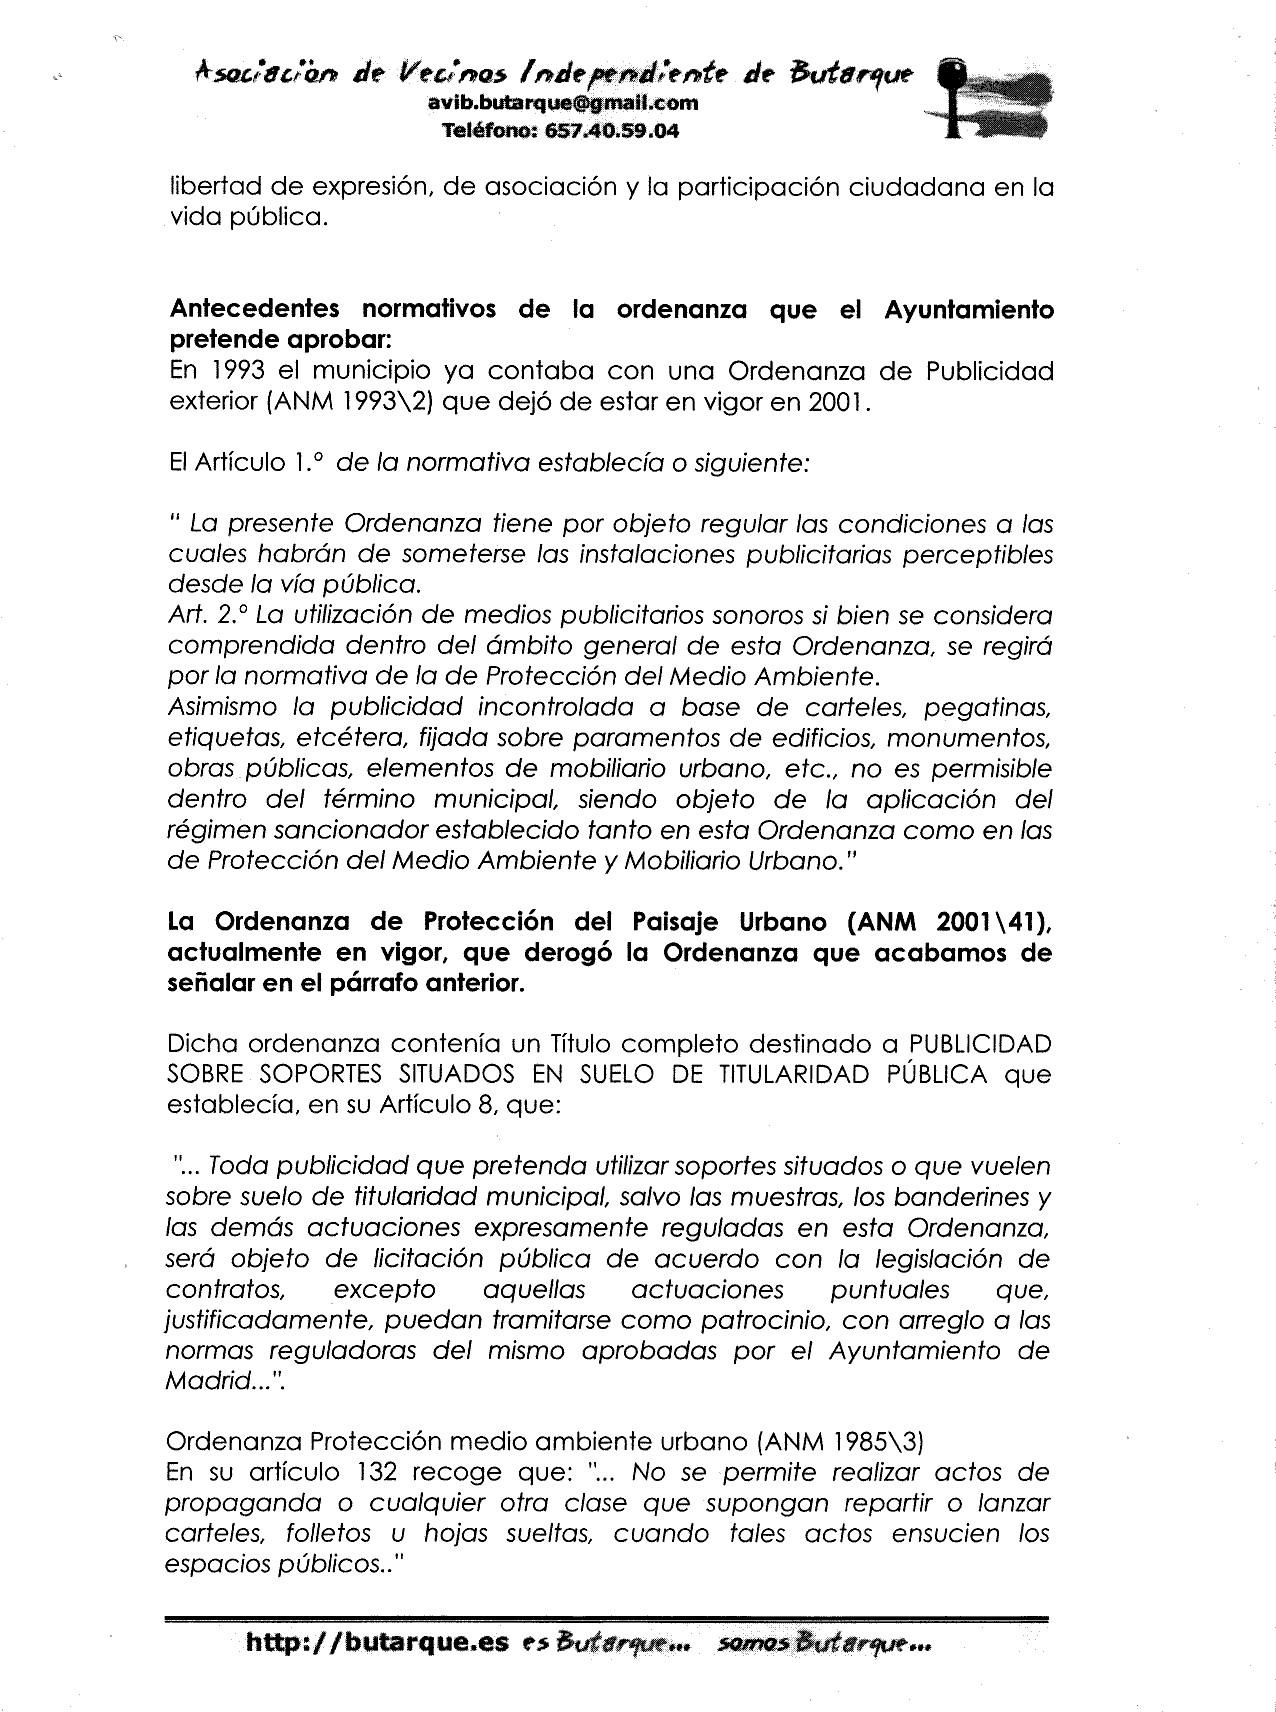 Alegaciones_ordenanza_publicidad_en_lugares_publicos-2.jpg